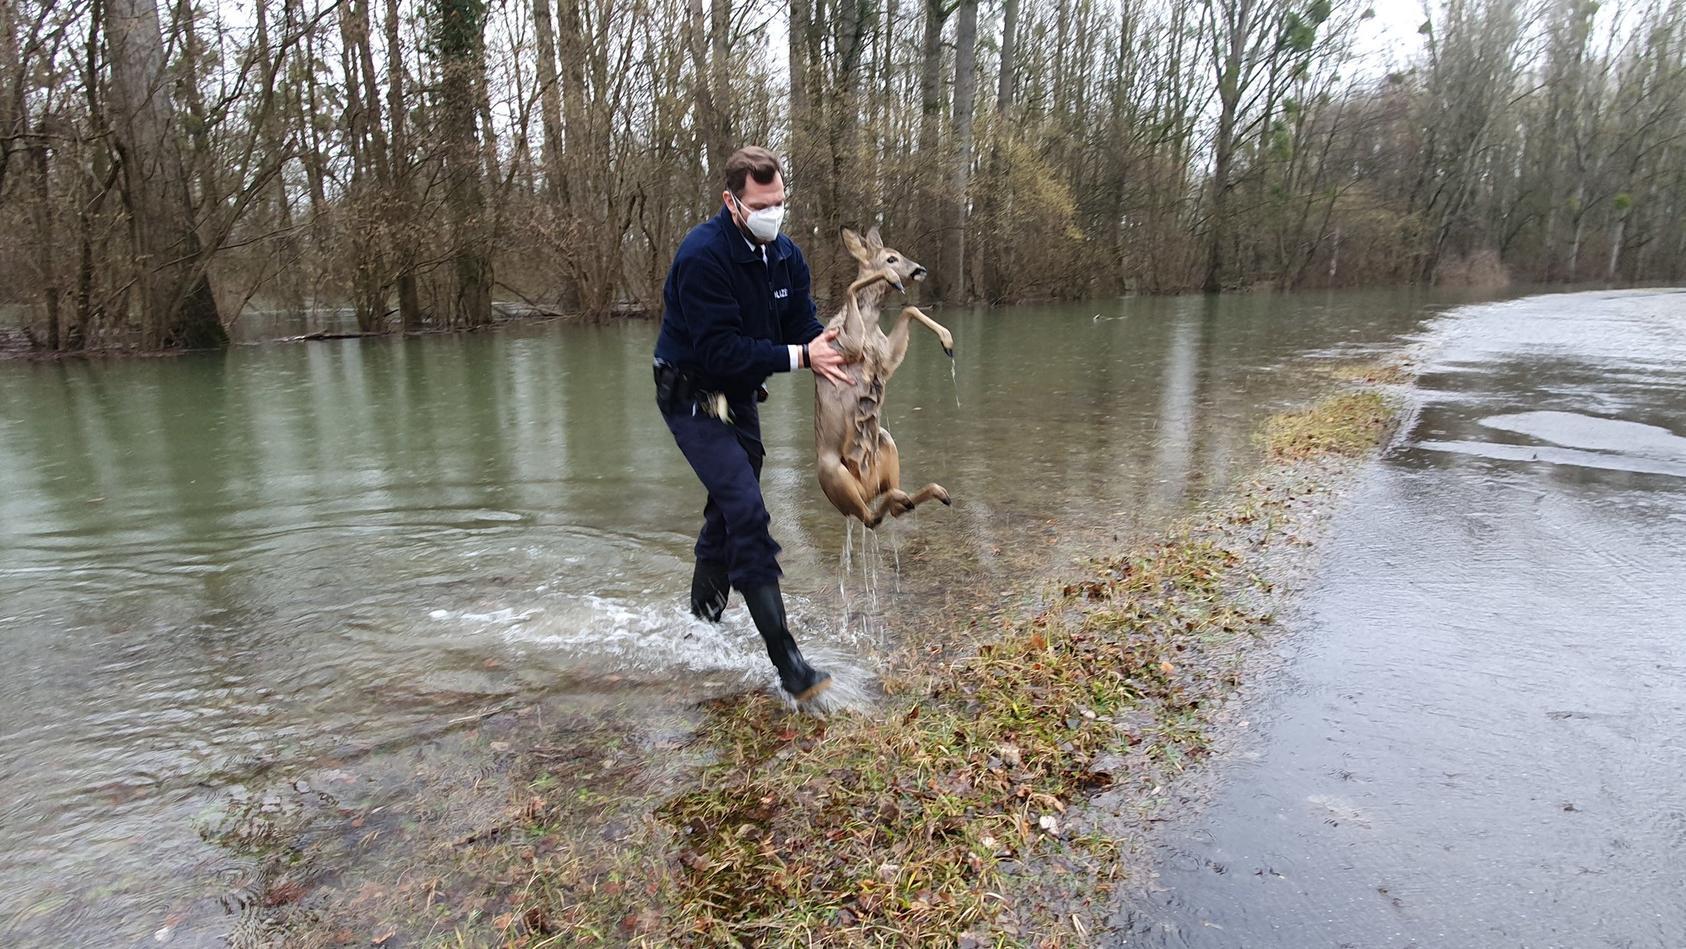 Polizei rettet Rehe vor dem Ertrinken. Viele Tiere müssen Hochwasser fürchten, manche profitieren aber auch.